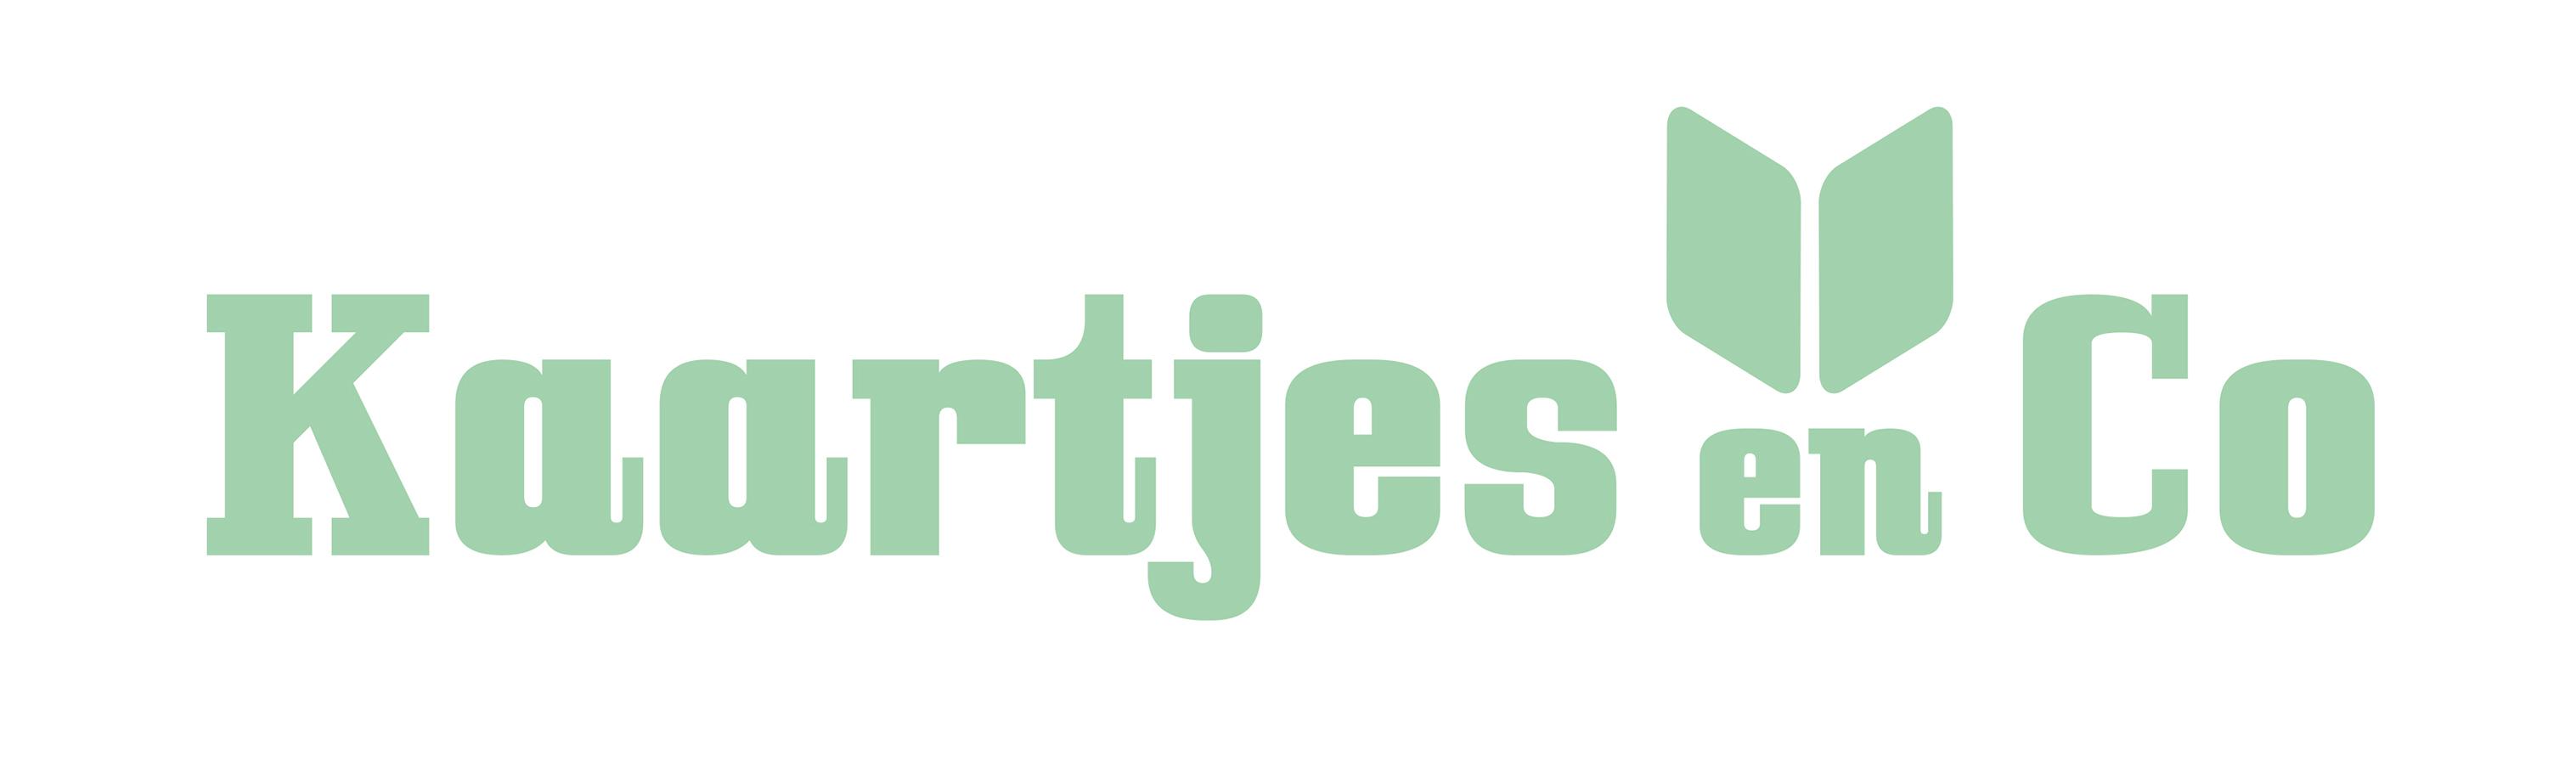 Kaartjes en Co promotie : Dag van de webshop